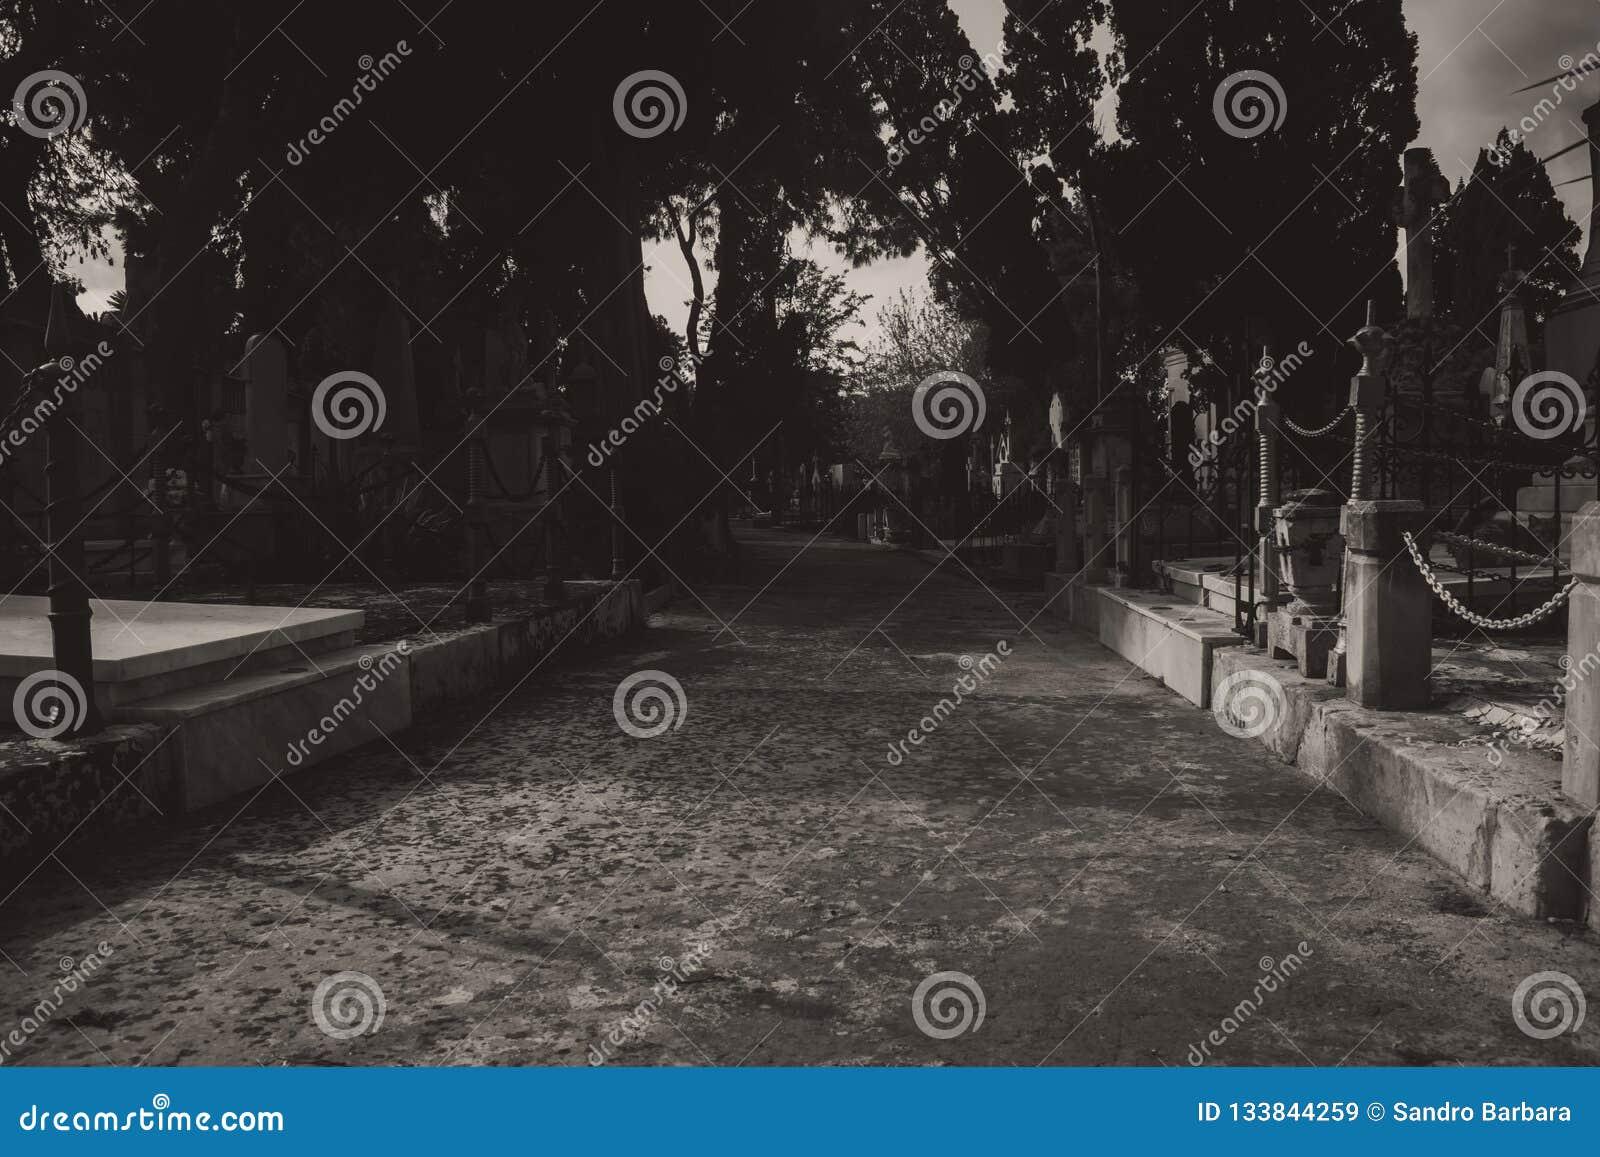 El cementerio en blanco y negro